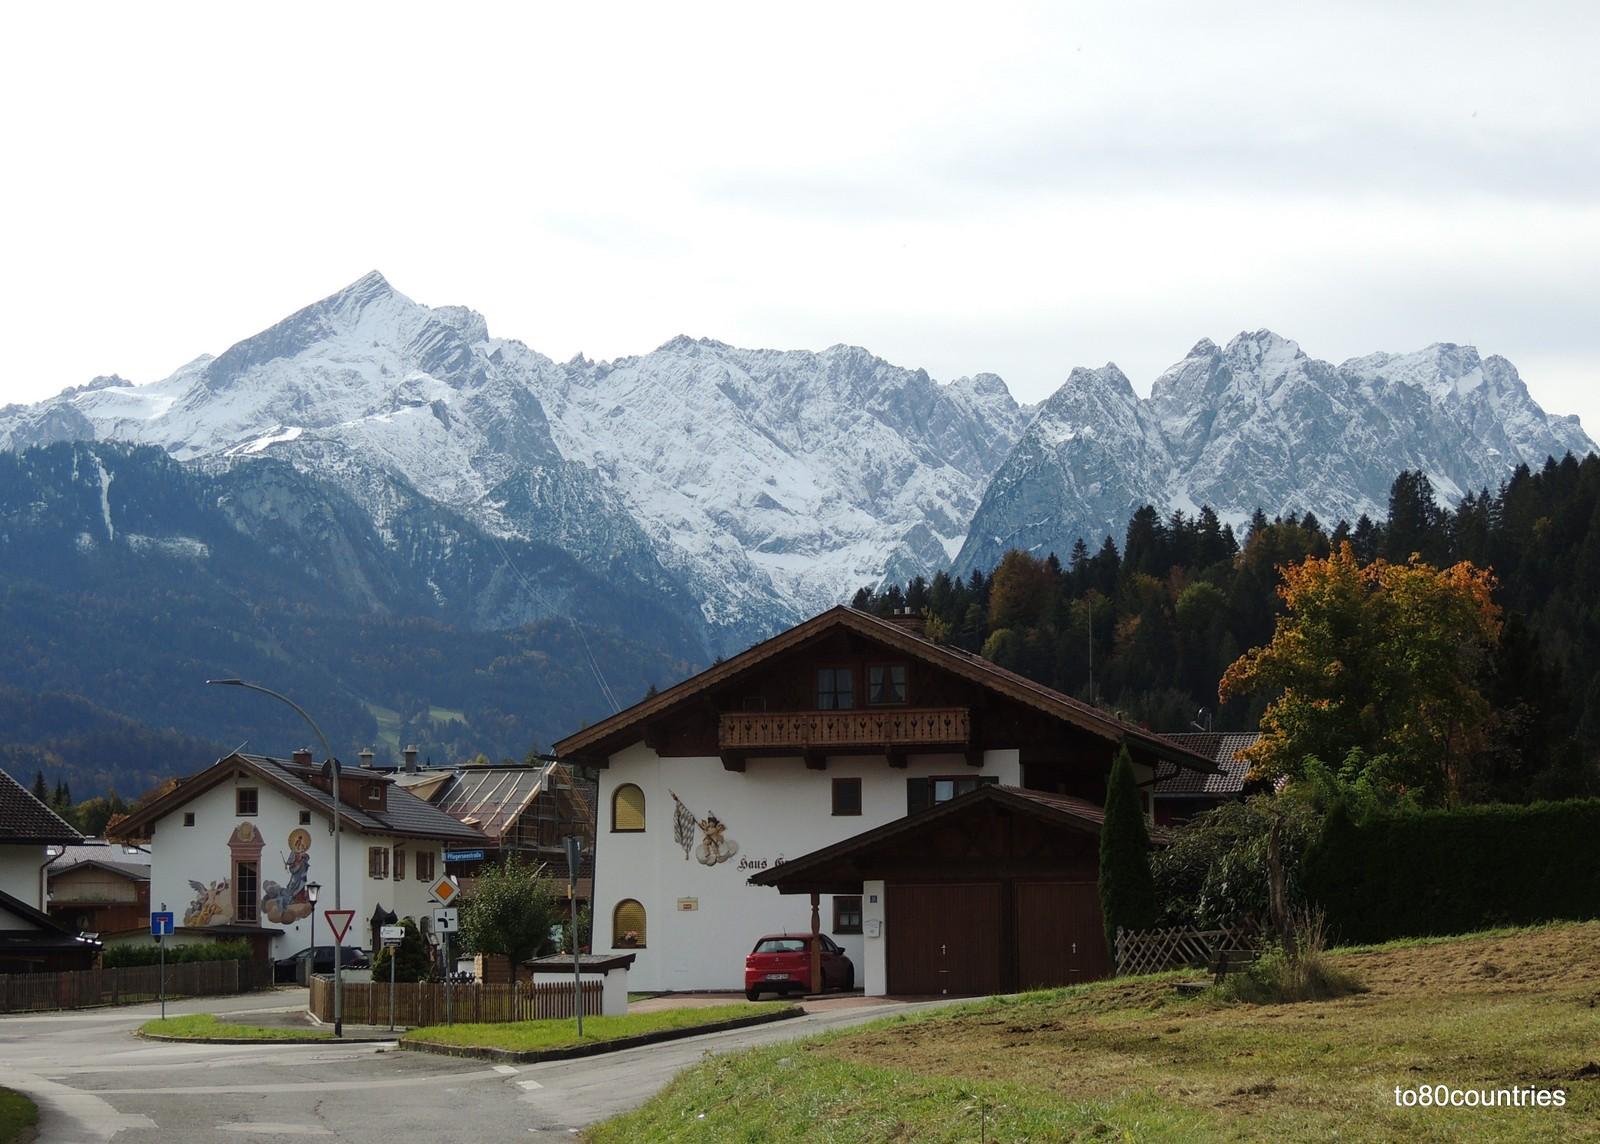 Am Sonnenbichl - Alp- und Zugspitzblick